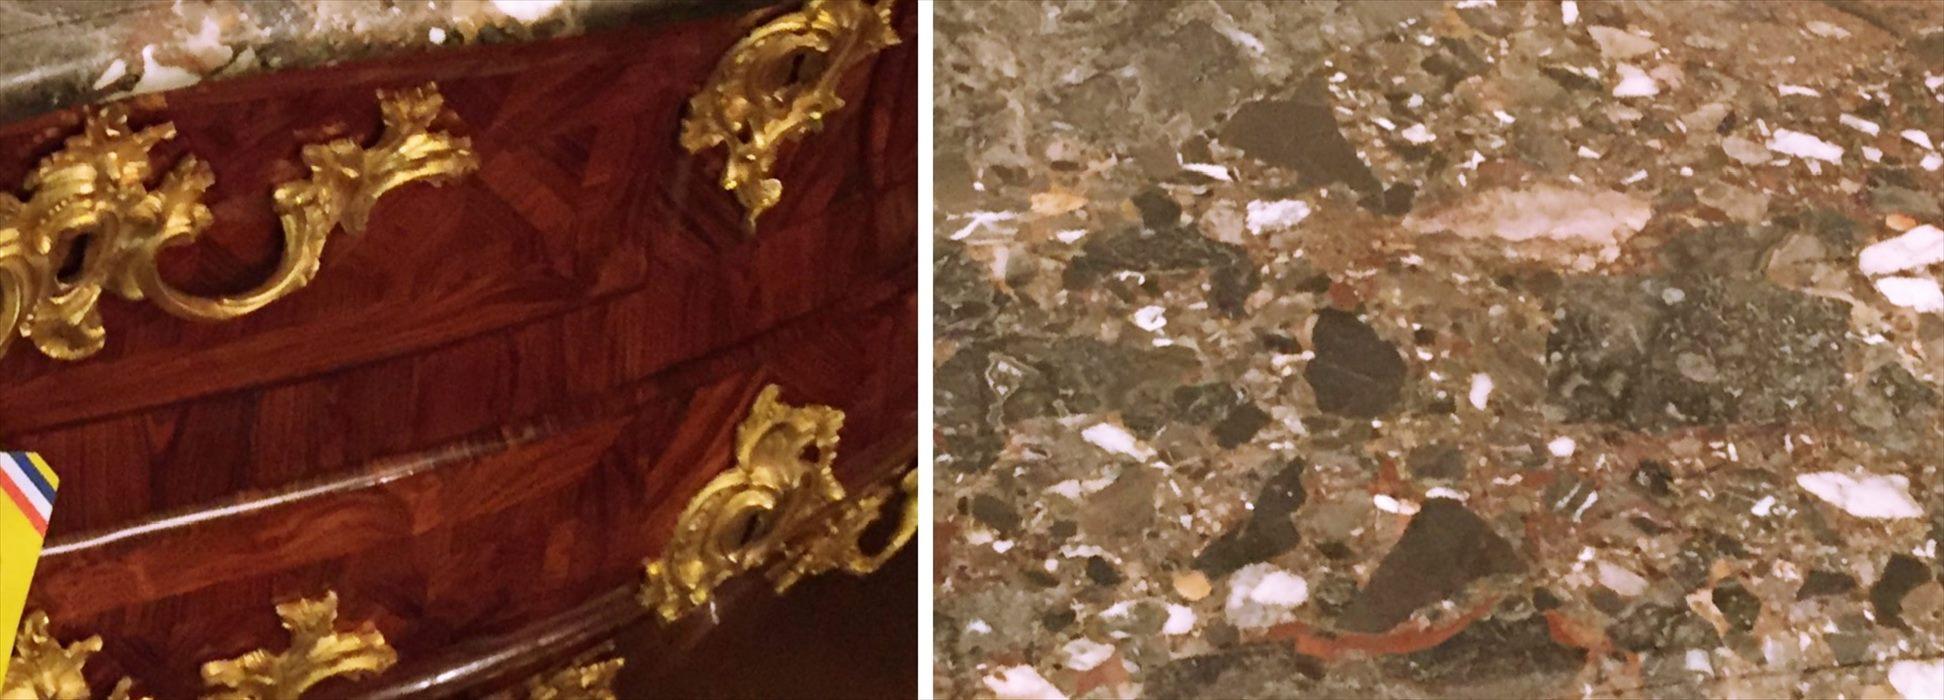 気品あふれる優雅な装飾と綺麗な木目のグラデーションと色調の違う大理石を固めて作られた天板